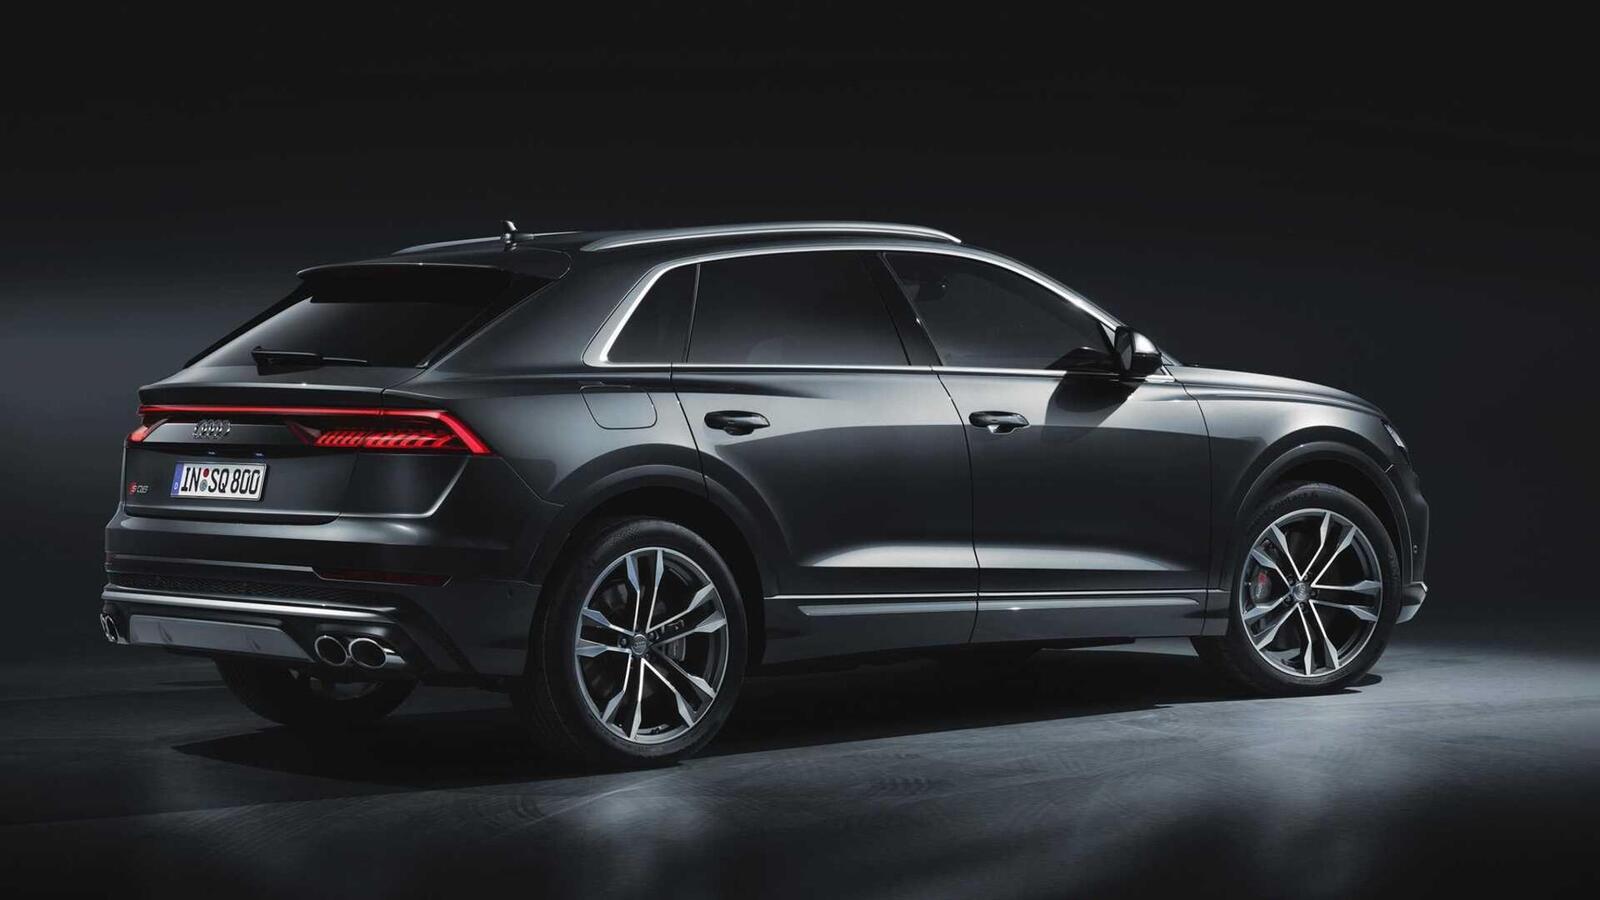 Audi SQ8 ra mắt lắp máy dầu V8 4.0L mild hybrid mạnh 429 mã lực - Hình 8